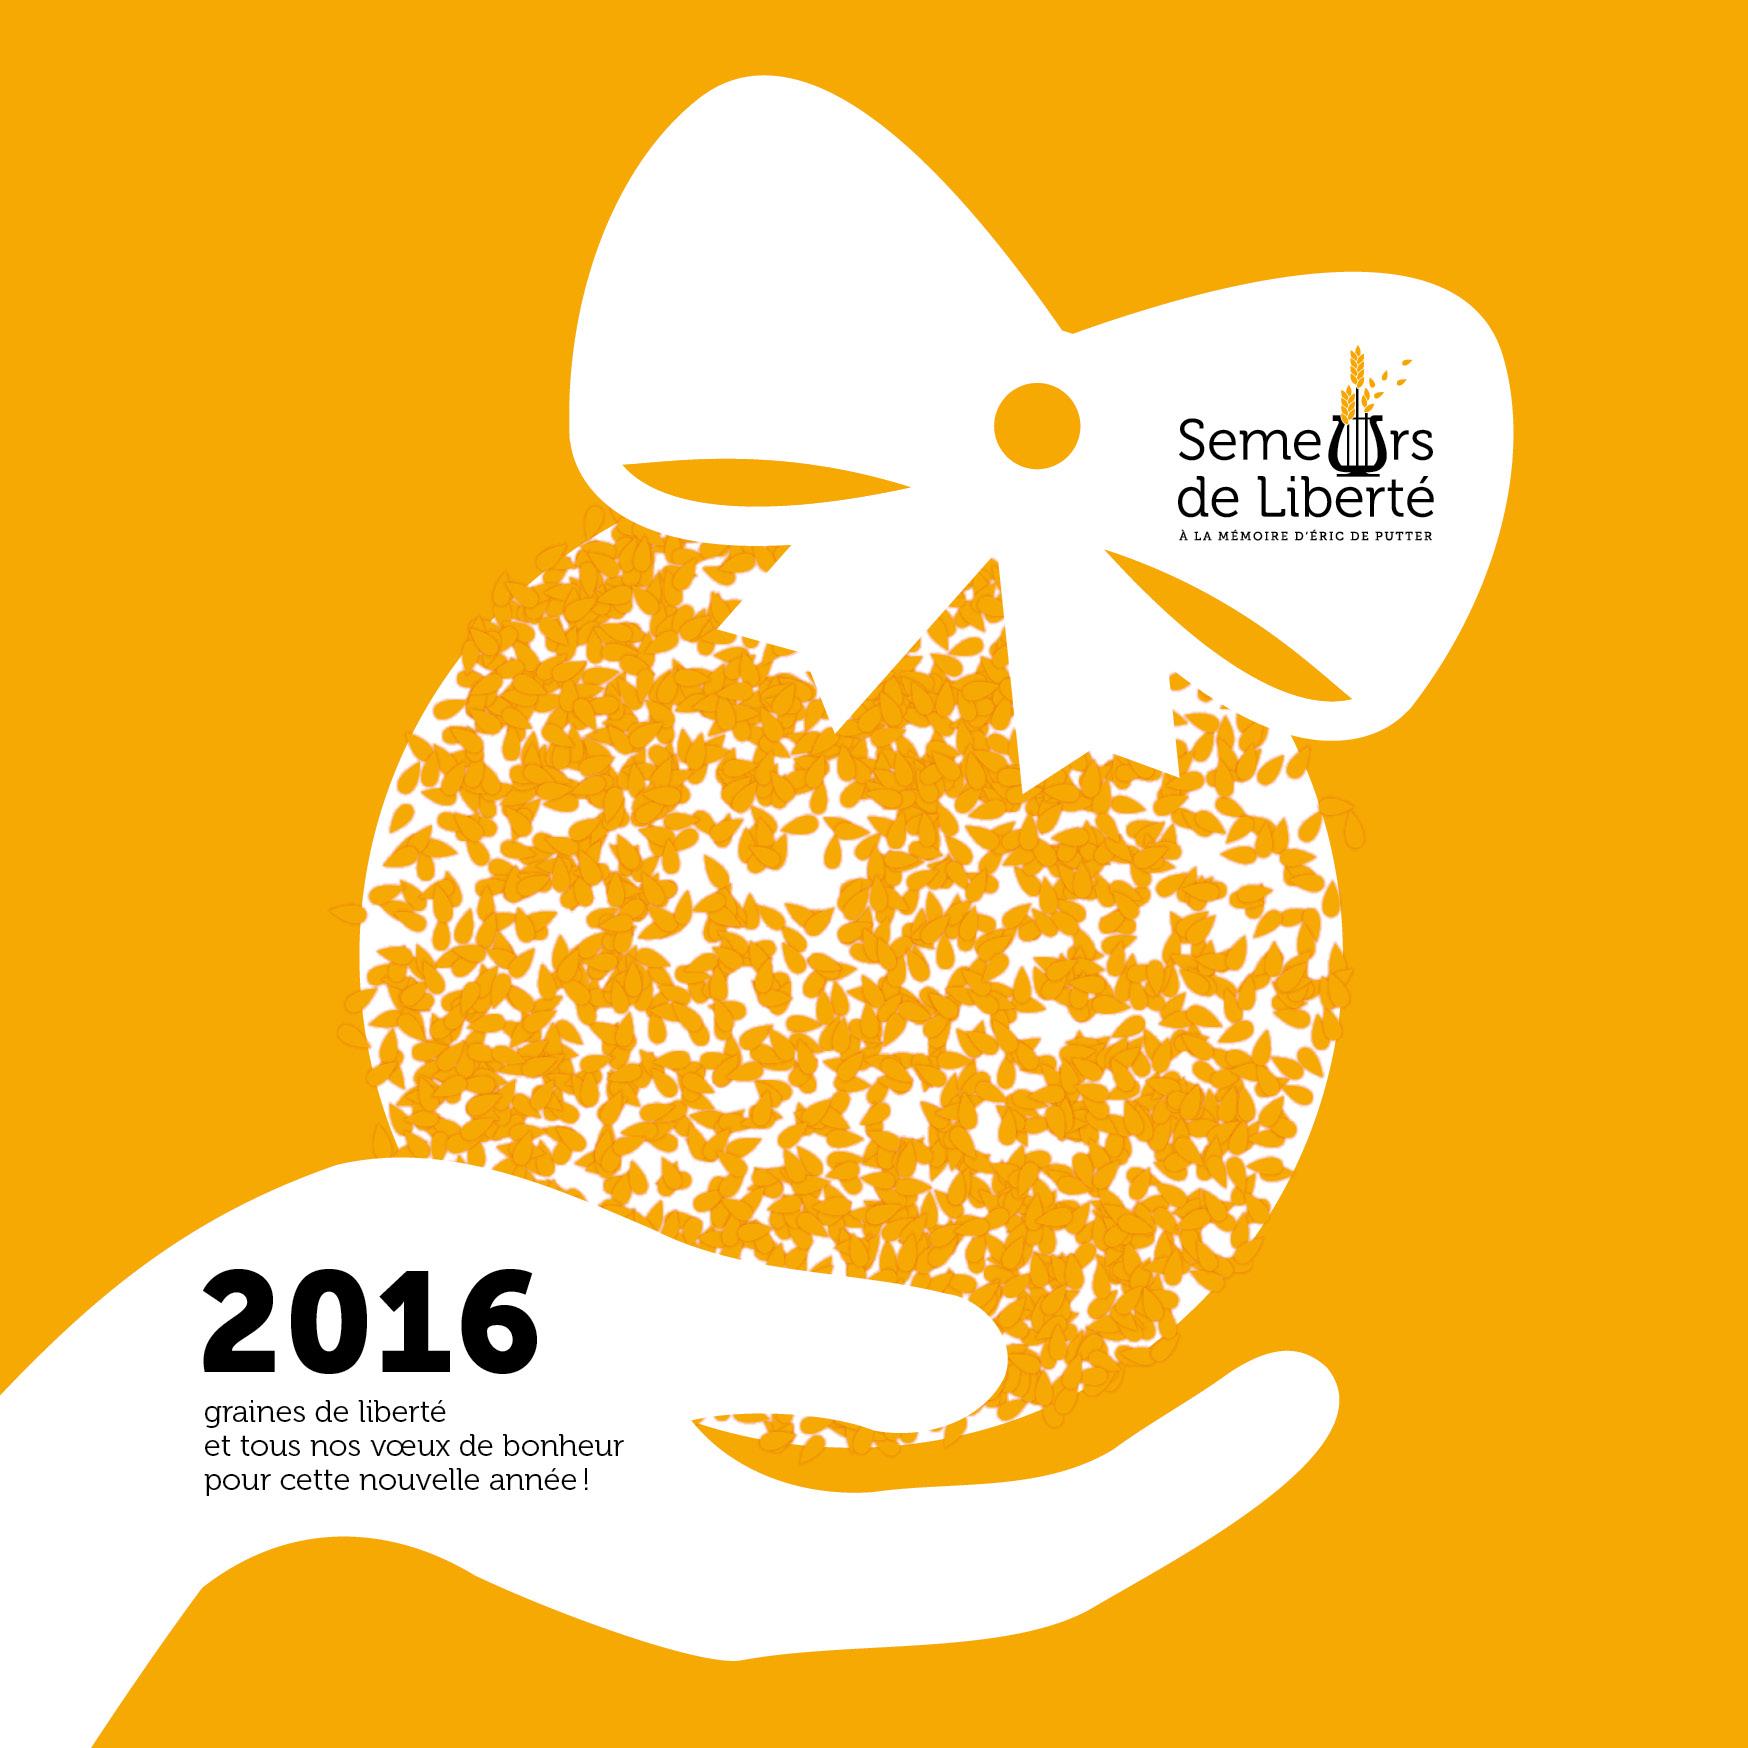 Bonne et heureuse année 2016 !